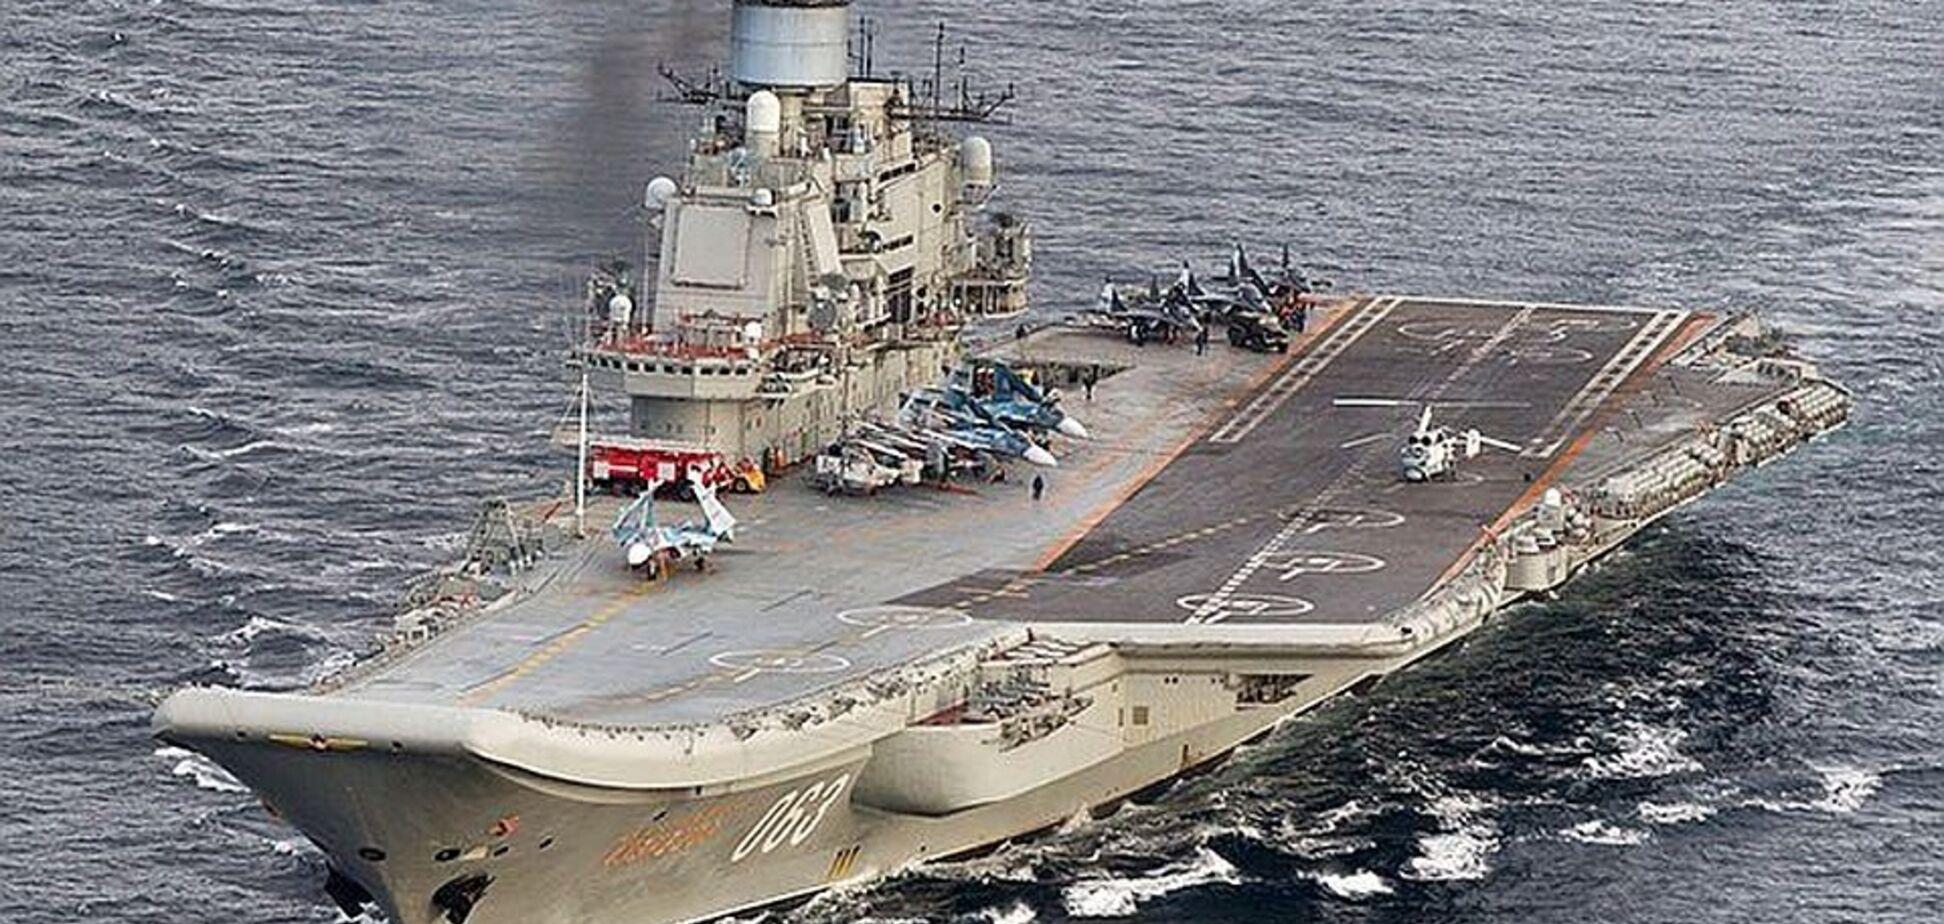 ЧП с 'Адмиралом Кузнецовым': стала известна причина